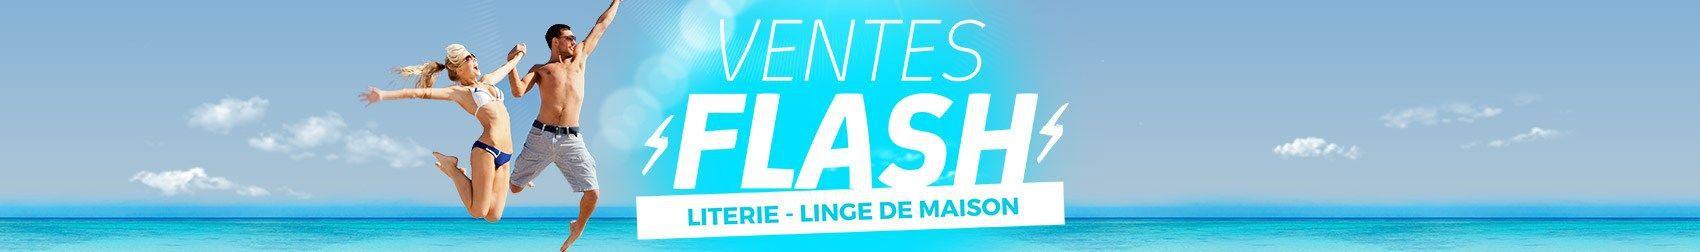 Ventes flash literie linge de maison achat vente for Vente literie